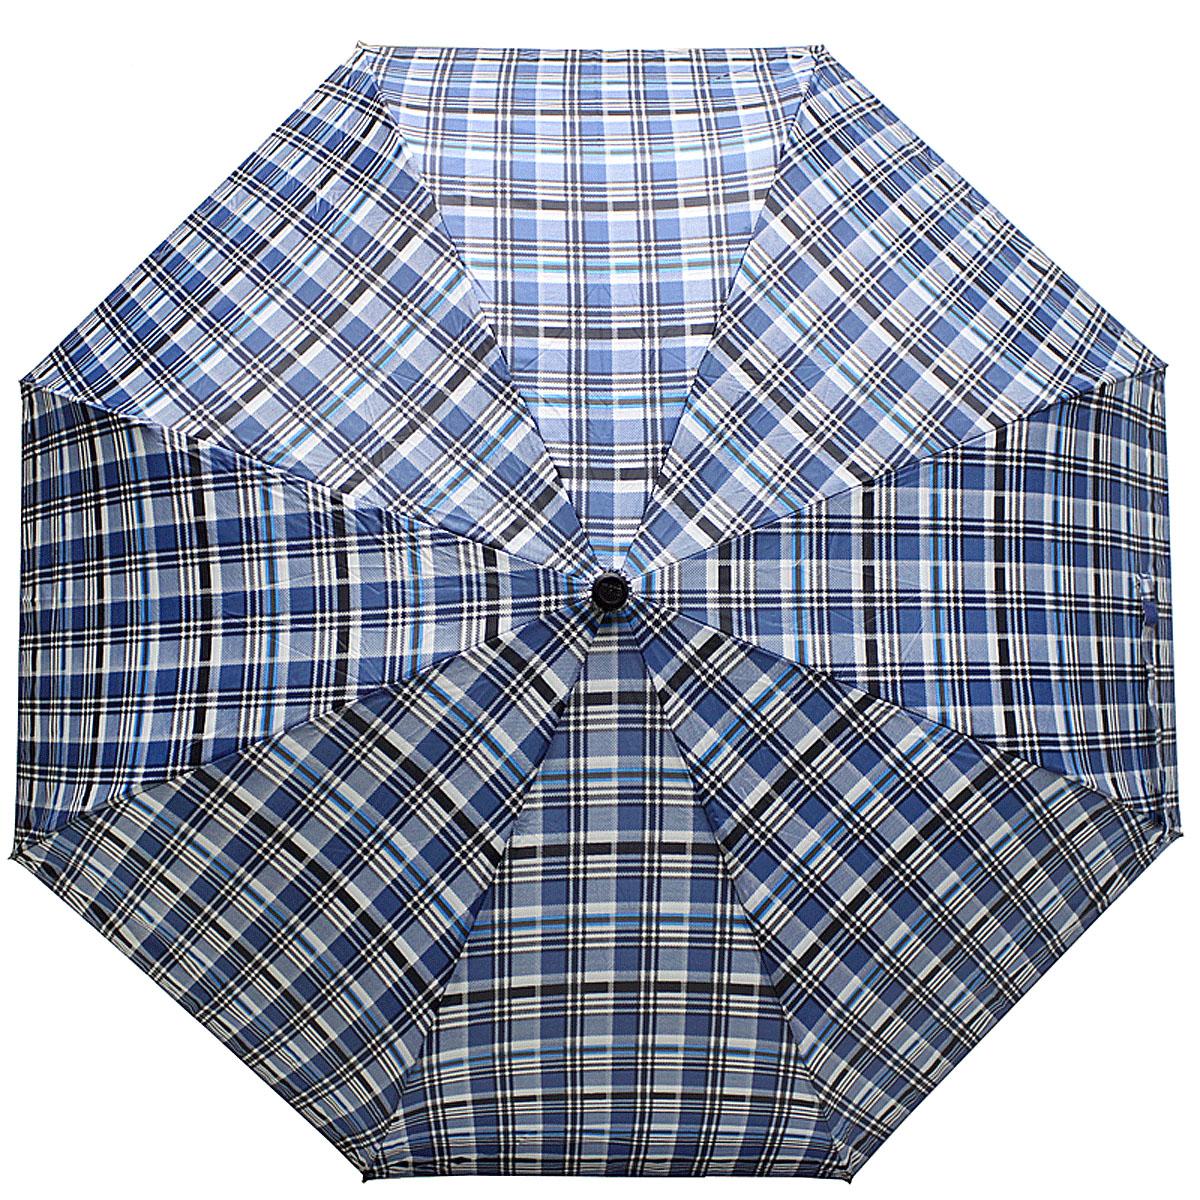 Зонт женский Vogue, цвет: синий. 448V-2П250071001-22Стильный механический зонт испанского производителя Vogue оснащен каркасом с противоветровым эффектом.Каркас зонта включает 8 спиц. Стержень изготовлен из стали, купол выполнен из прочного полиэстера. Зонт является механическим: купол открывается и закрывается вручную до характерного щелчка. Такой зонт не только надежно защитит вас от дождя, но и станет стильным аксессуаром, который идеально подчеркнет ваш неповторимый образ. Рекомендации по использованию: Мокрый зонт нельзя оставлять сложенным. Зонт после использования рекомендуется сушить в полураскрытом виде вдали от нагревательных приборов. Чистить зонт рекомендуется губкой, используя мягкие нещелочные растворы.